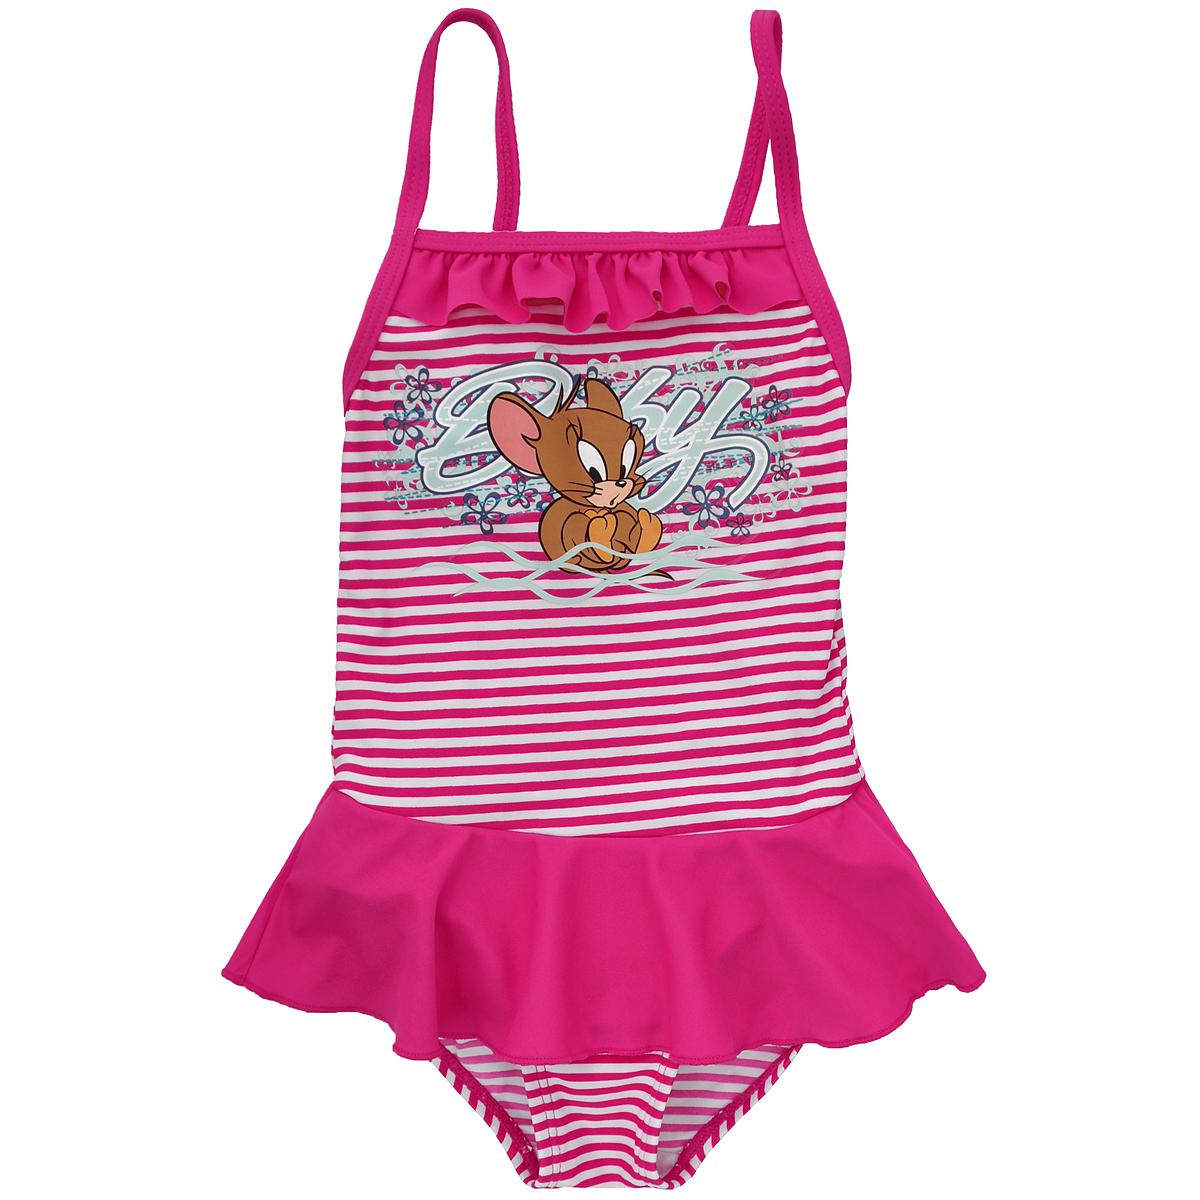 Купальный костюм для девочки Tom and Jerry, цвет: ярко-розовый, белый. K002. Размер 110, 5 лет